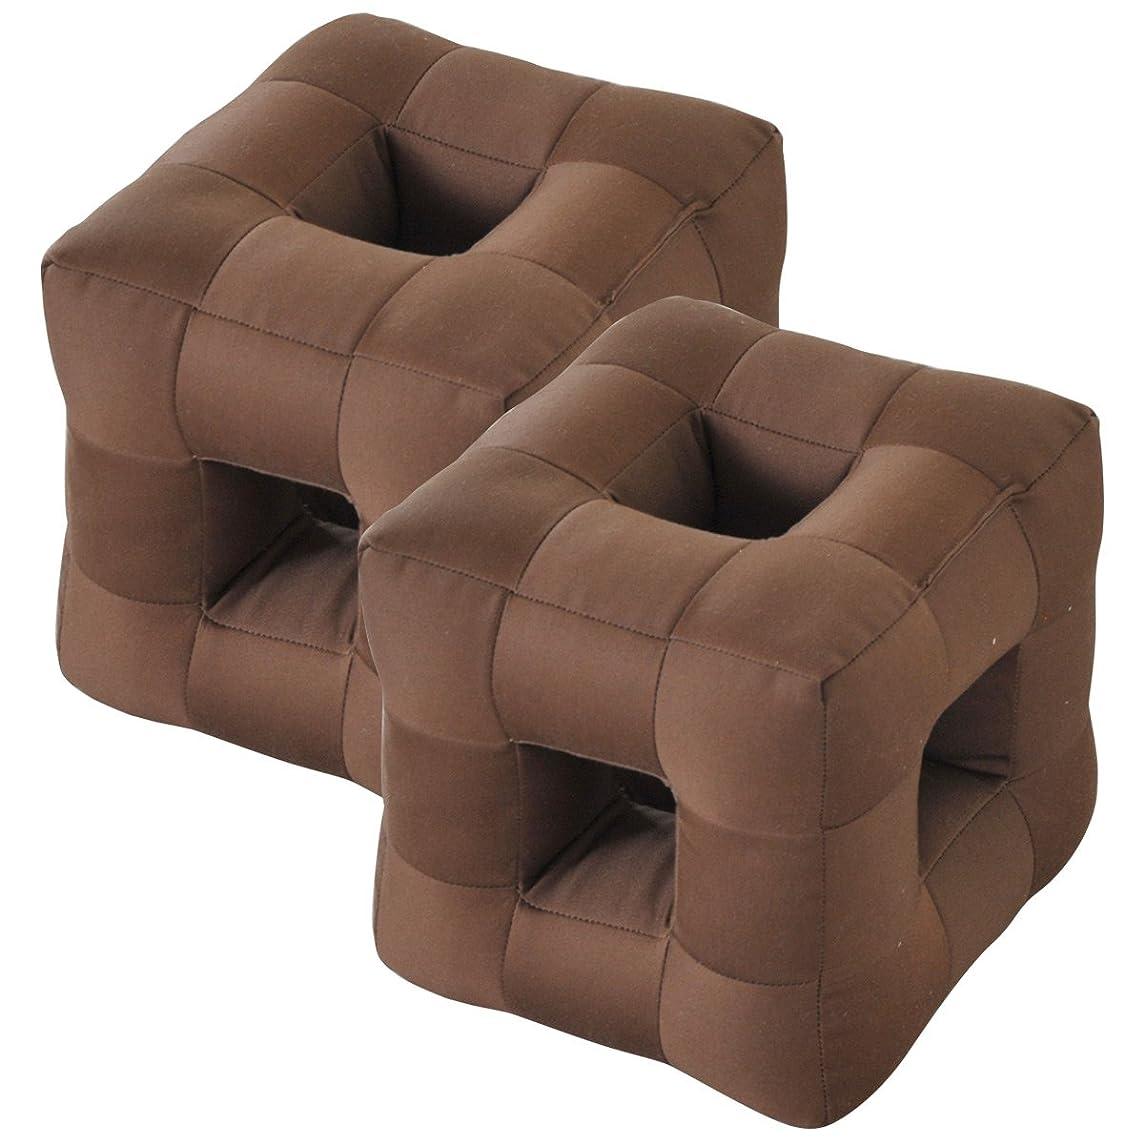 聖歌波紋反抗山善(YAMAZEN) 聞こえるごろ寝枕2個セット ブラウン2個組